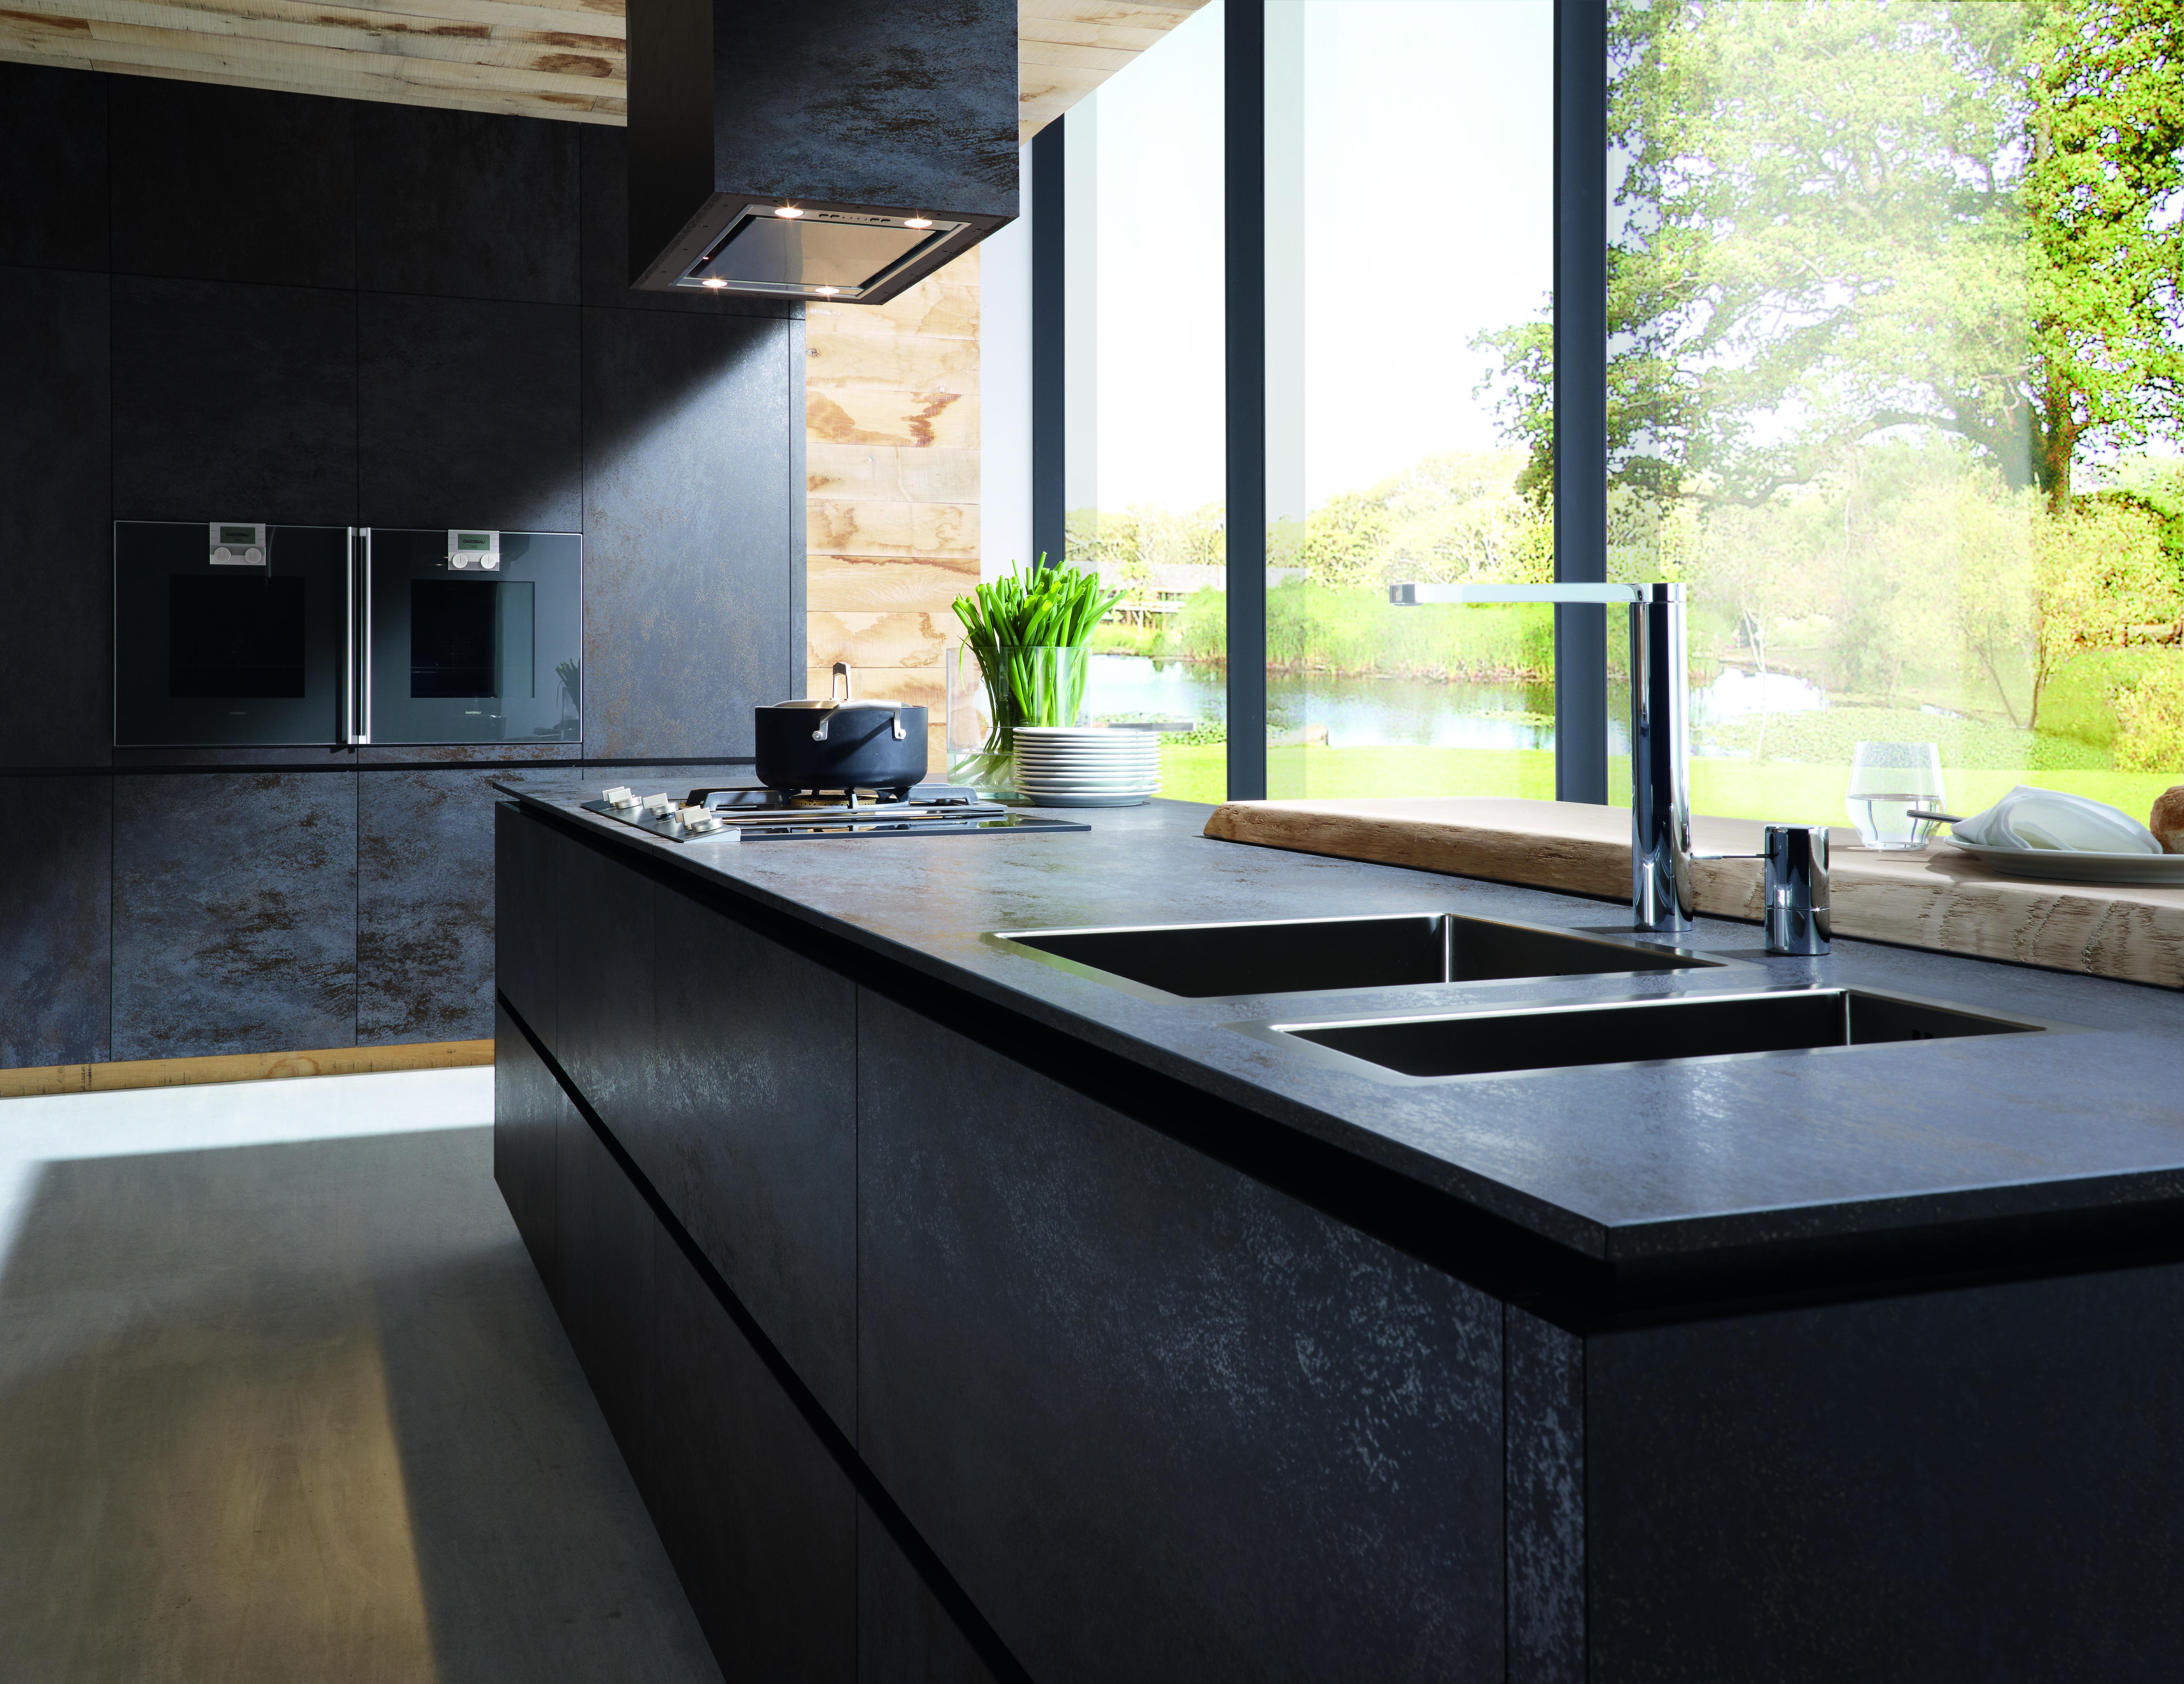 Häufig Küchenarbeitsplatte: Tipps zu Materialien, Einbau und Pflege AT53